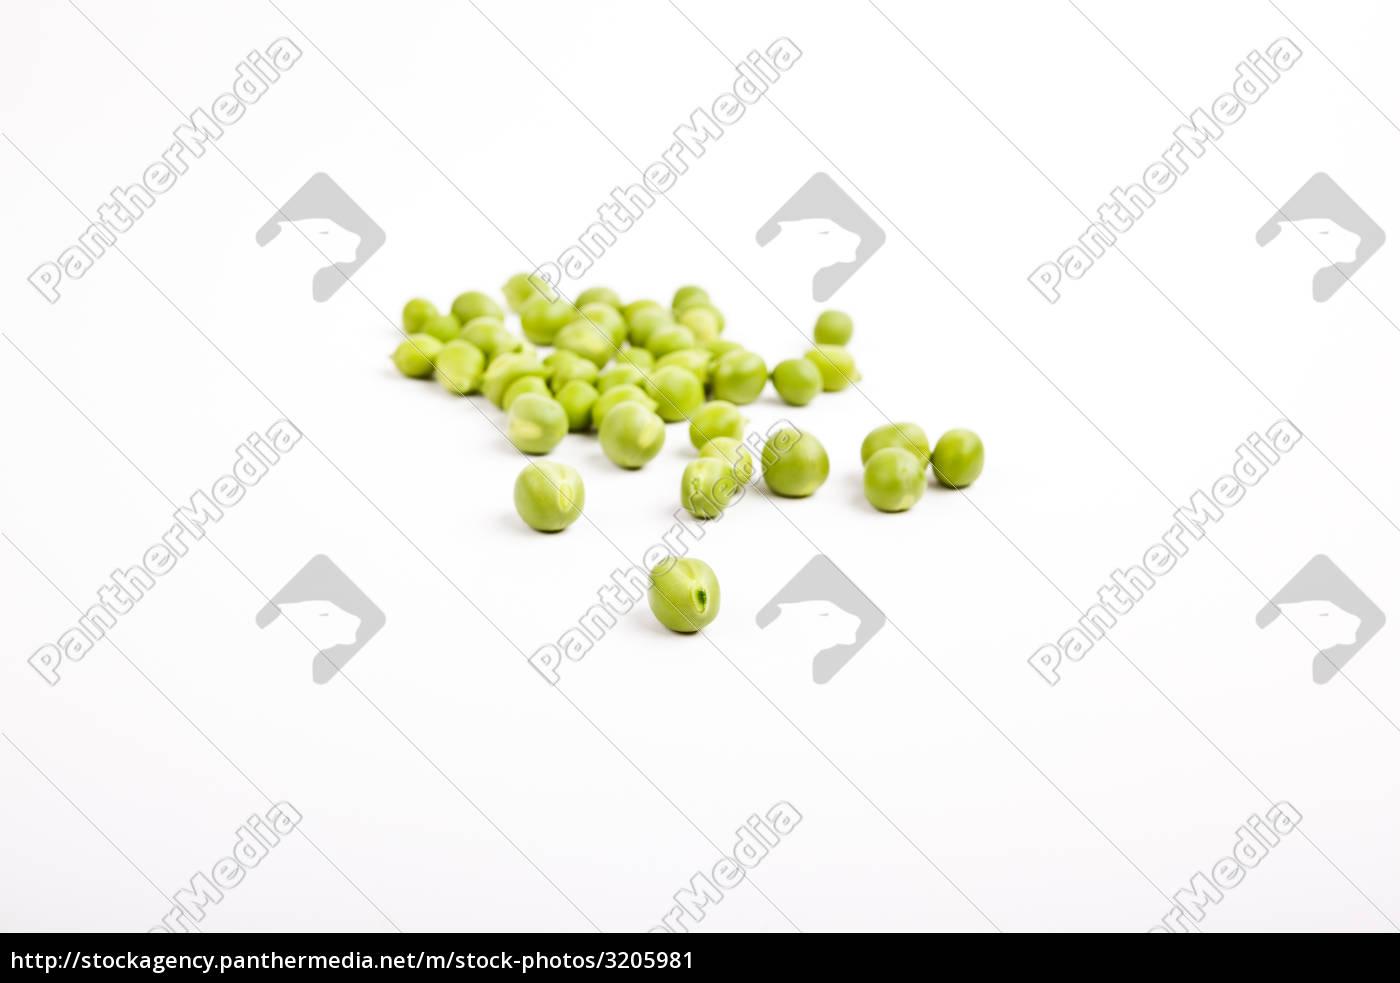 fresh, peas - 3205981